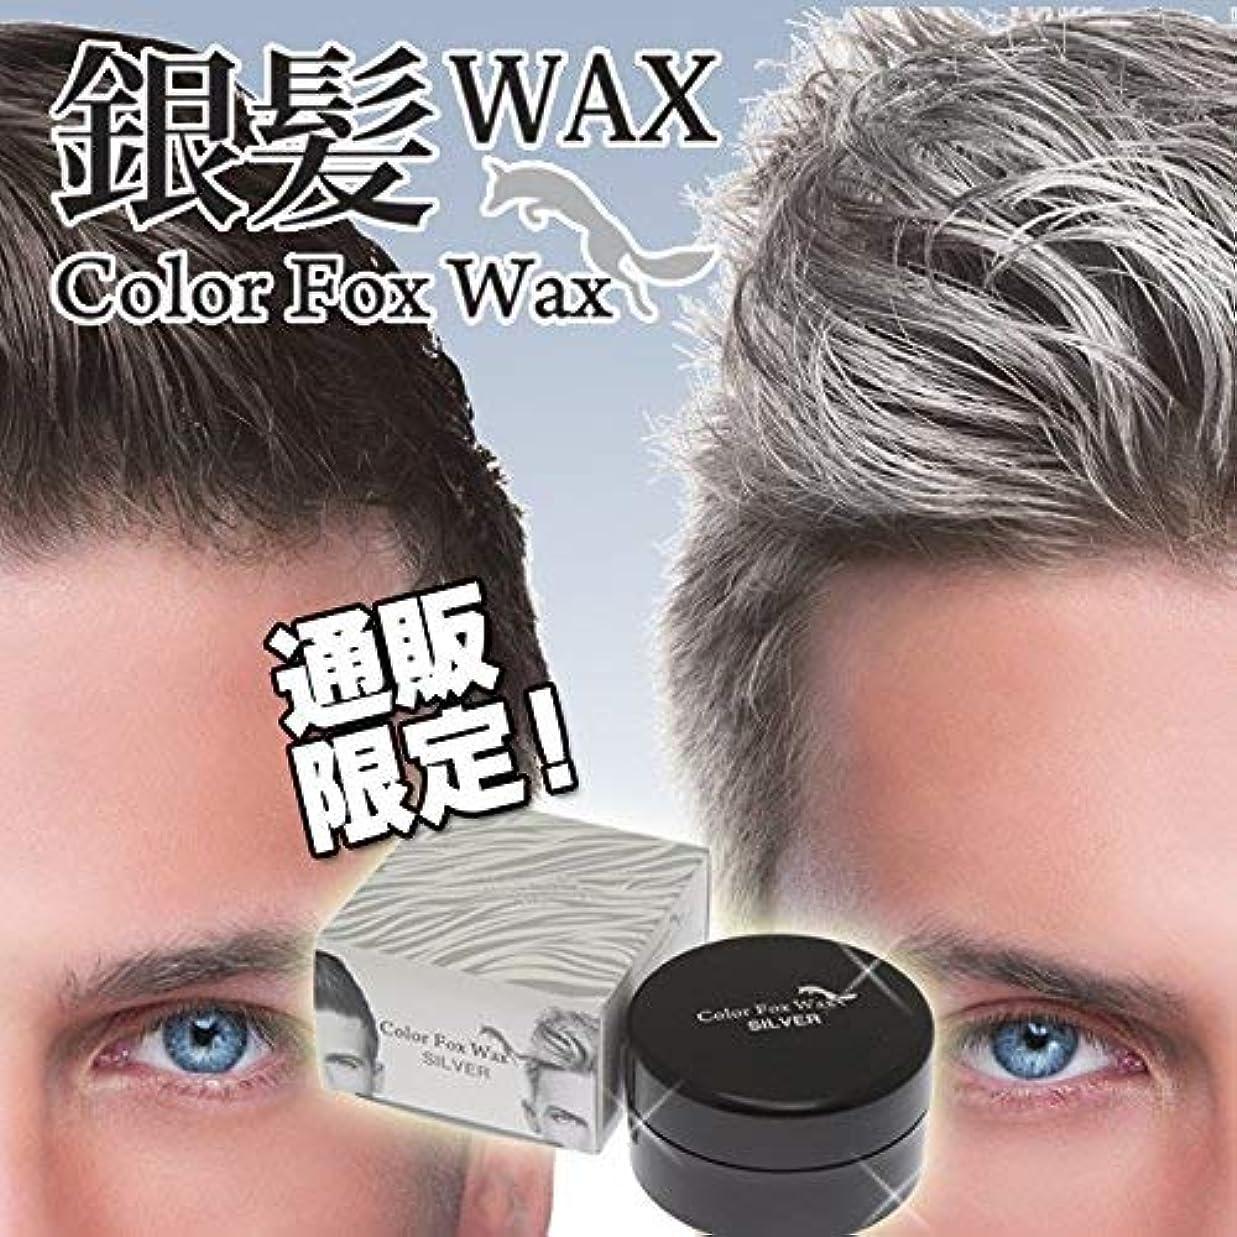 堂々たる強制的不平を言う【正規品】1DAY銀髪カラーリング カラーフォックスワックス シルバー120g